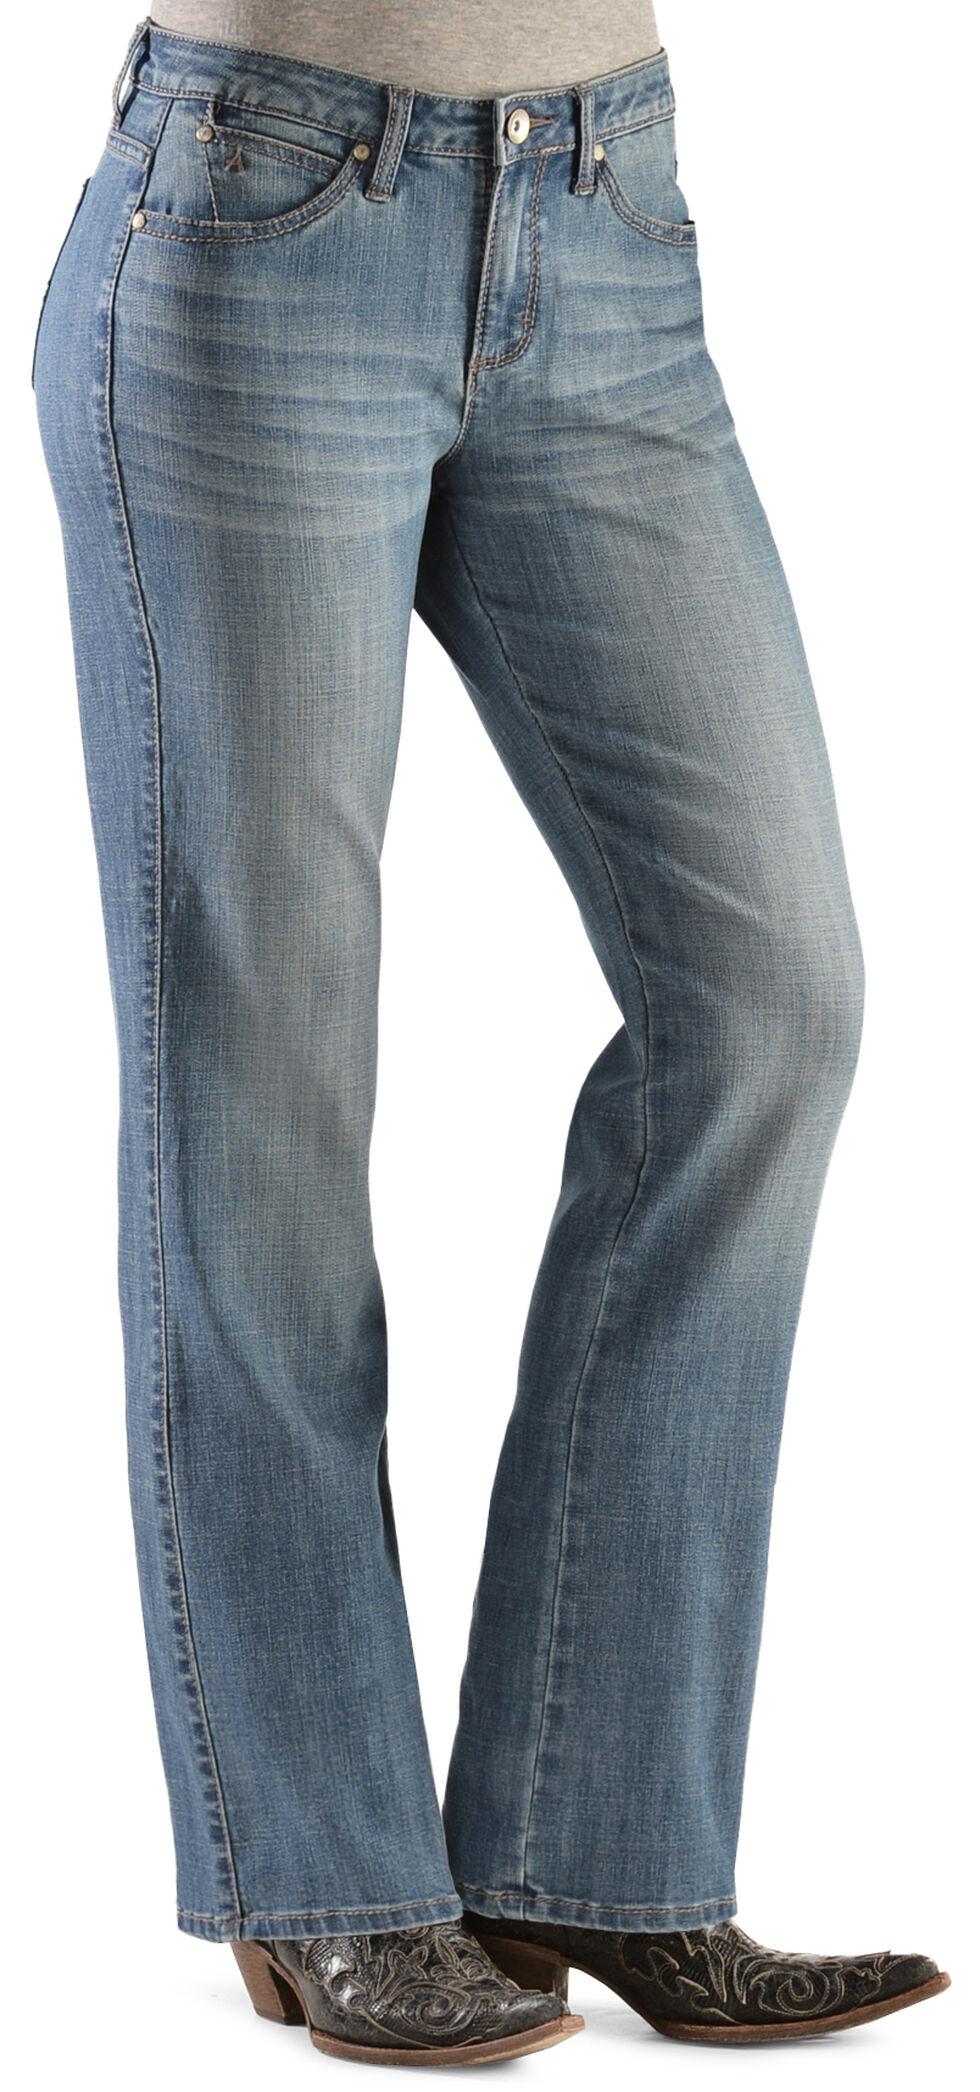 Wrangler Women's Antique Wash Aura Instantly Slimming Jeans, Denim, hi-res